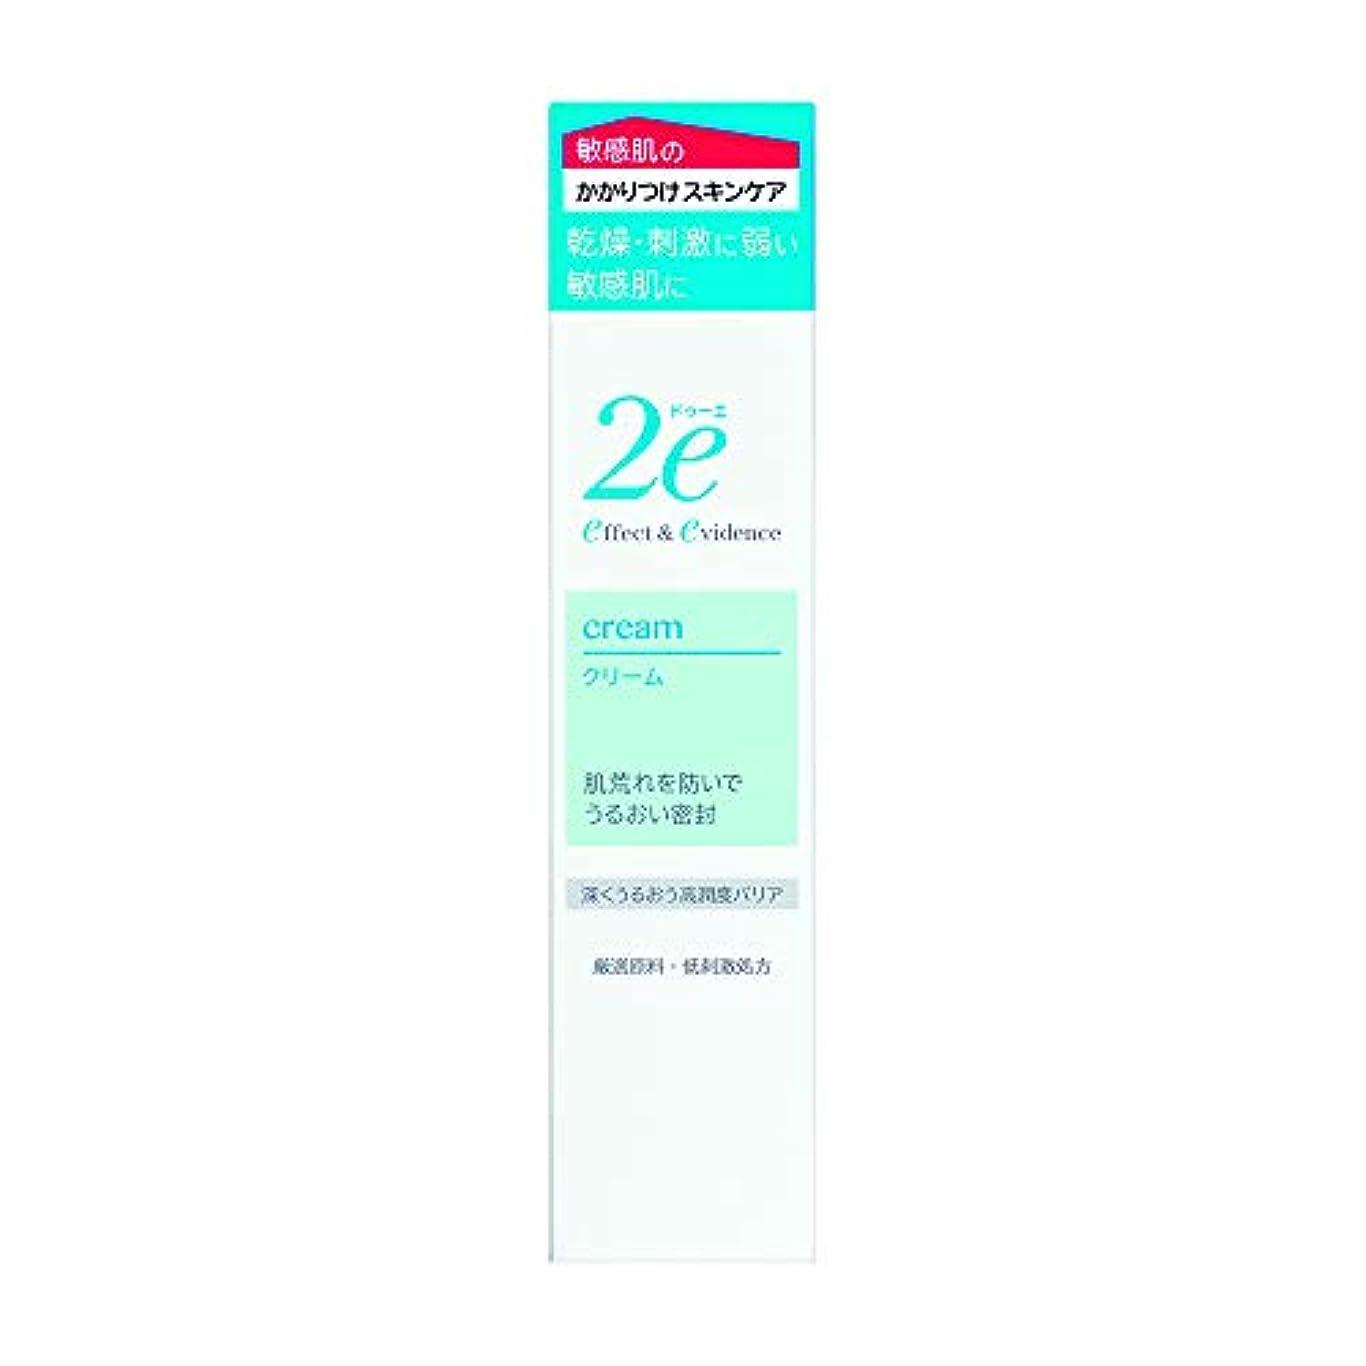 後ろに傷つきやすいジョージバーナード2e(ドゥーエ) クリーム 敏感肌用クリーム 低刺激処方 深くうるおう高潤度バリア 30g